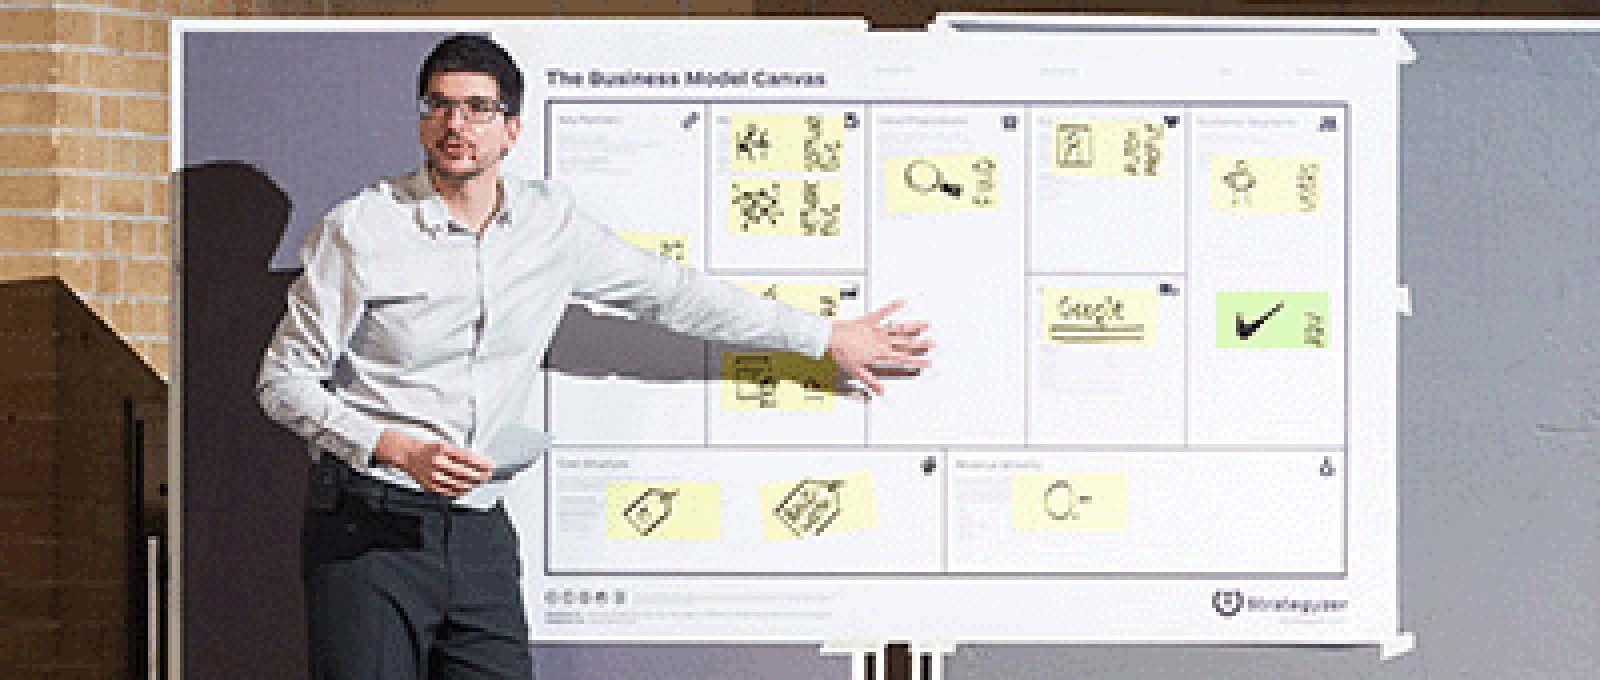 Byt ut affärsplanen mot en Business Canvas